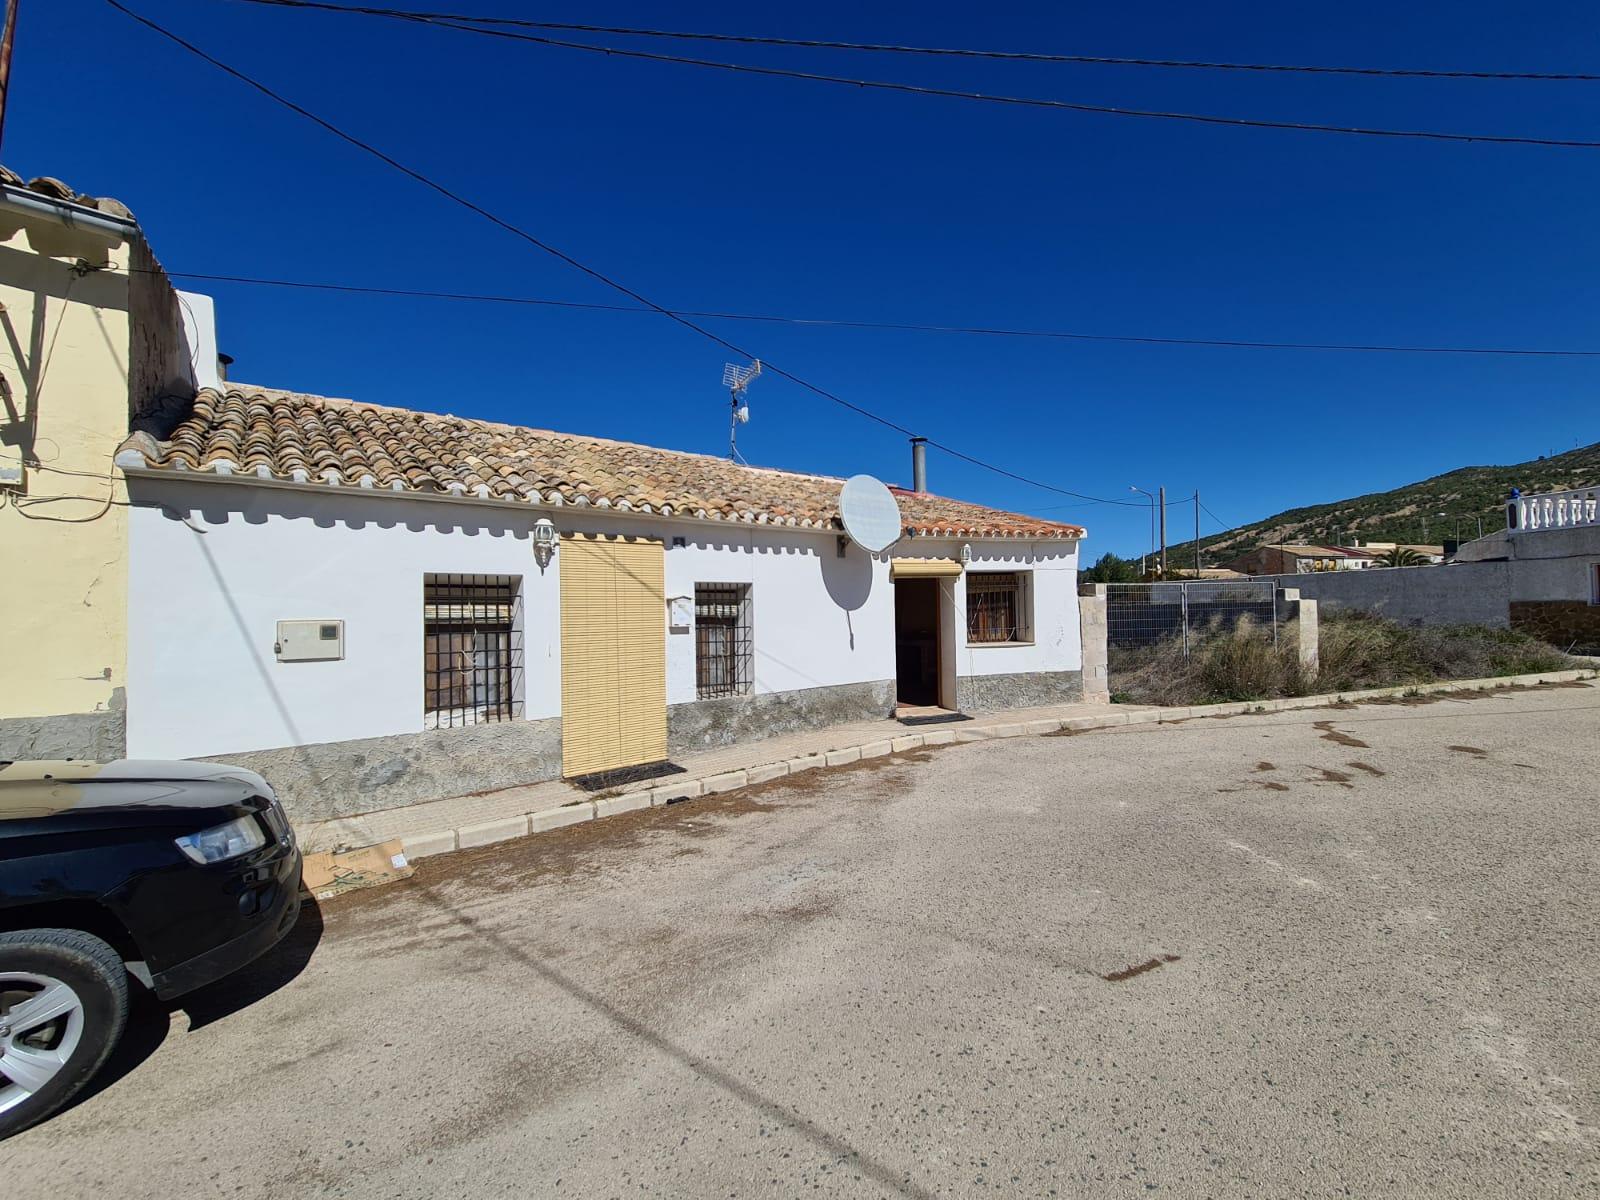 3 bedroom land for sale in Pinoso / El Pinós, Costa Blanca